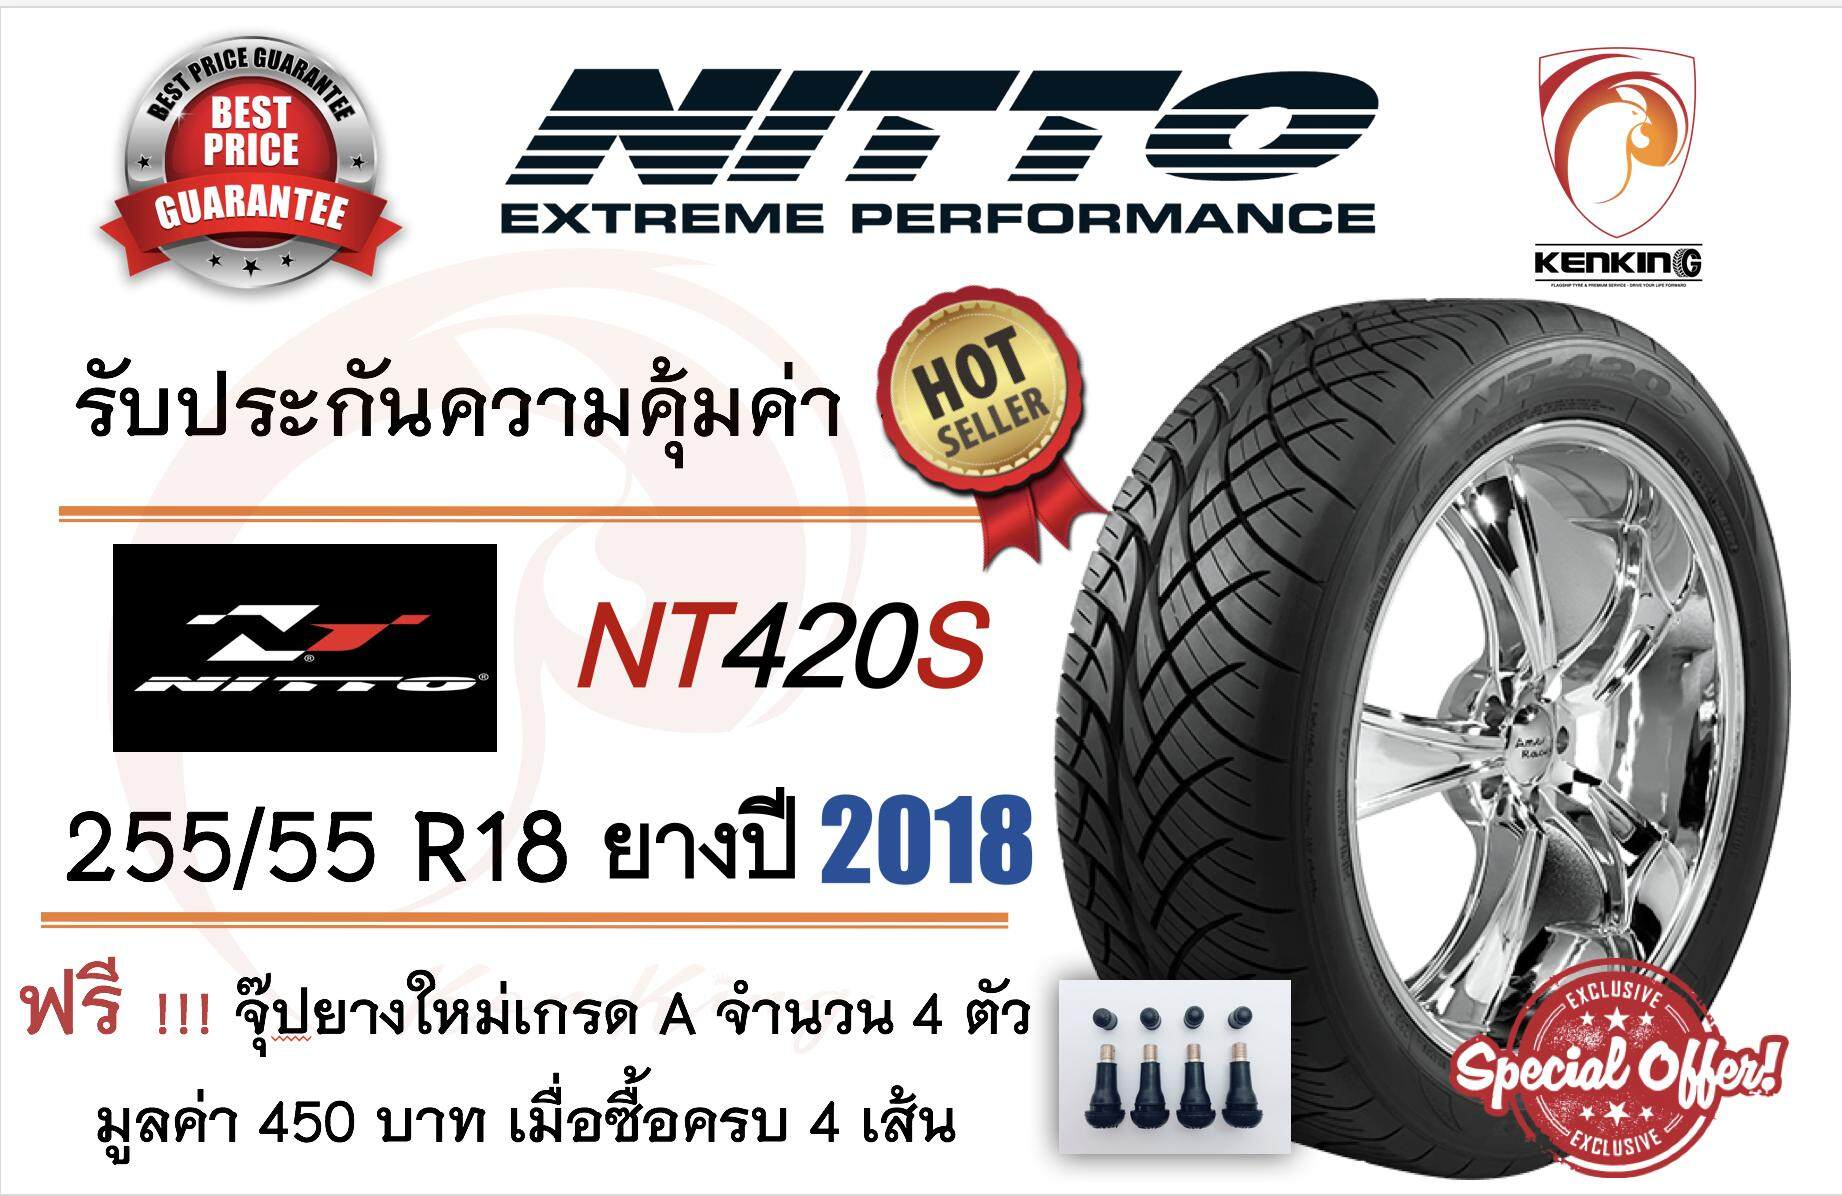 ประกันภัย รถยนต์ ชั้น 3 ราคา ถูก เพชรบูรณ์ Nitto นิโต๊ะ 255/55 R18 NEW!! 2018 รุ่น 420S (SHOCK!! PRICE SUPER DEAL!!)